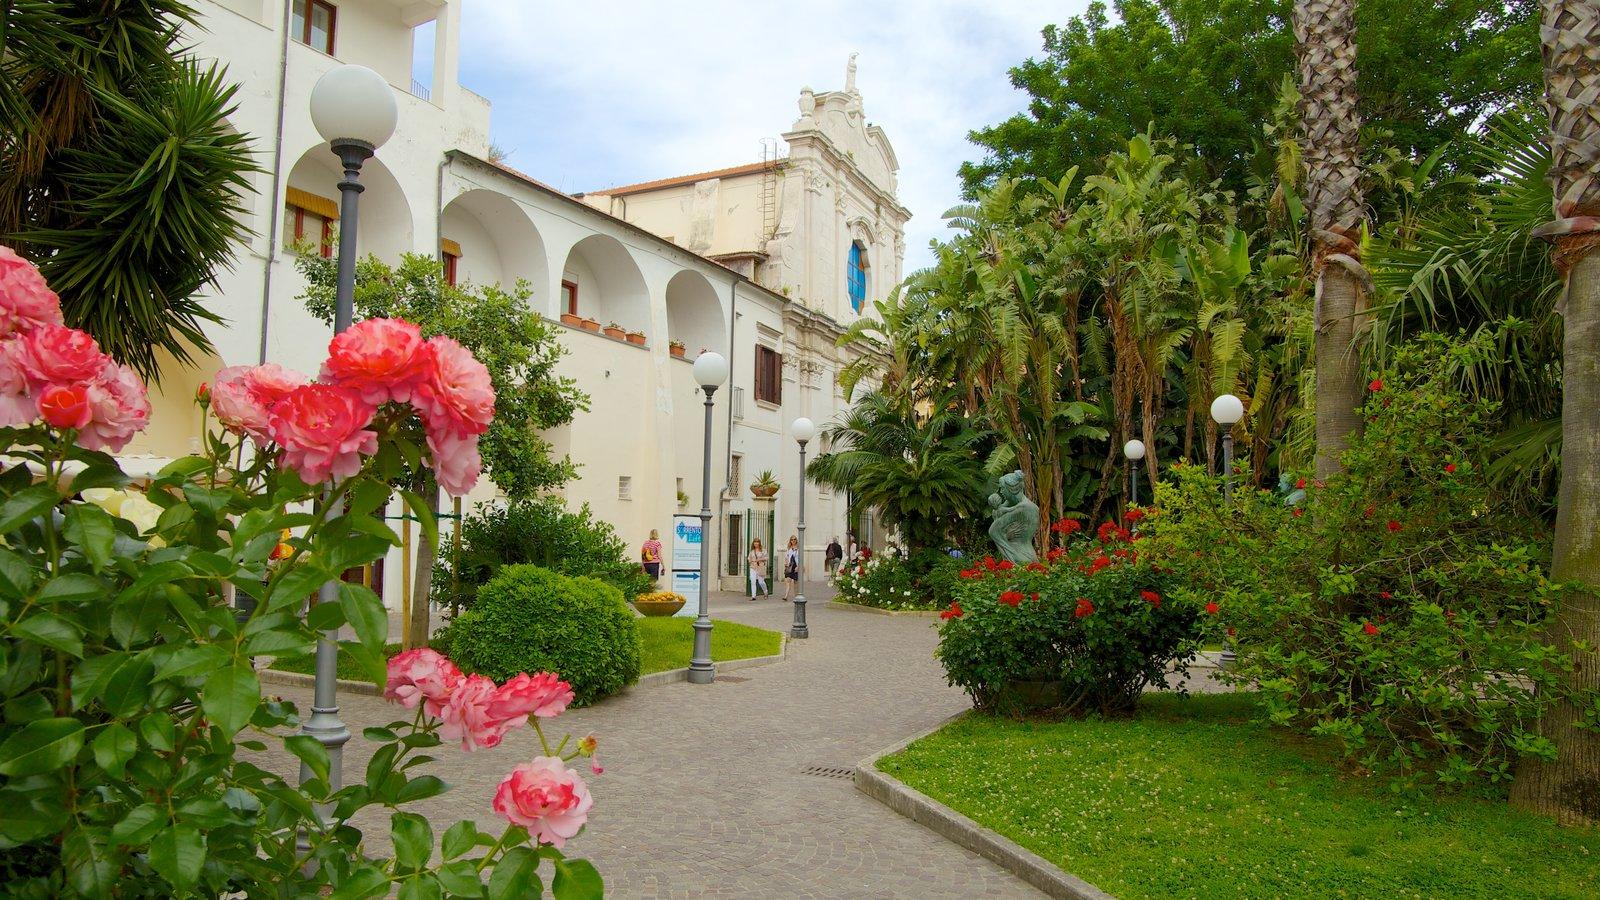 Chiesa di San Francesco que incluye un jardín, flores y escenas urbanas